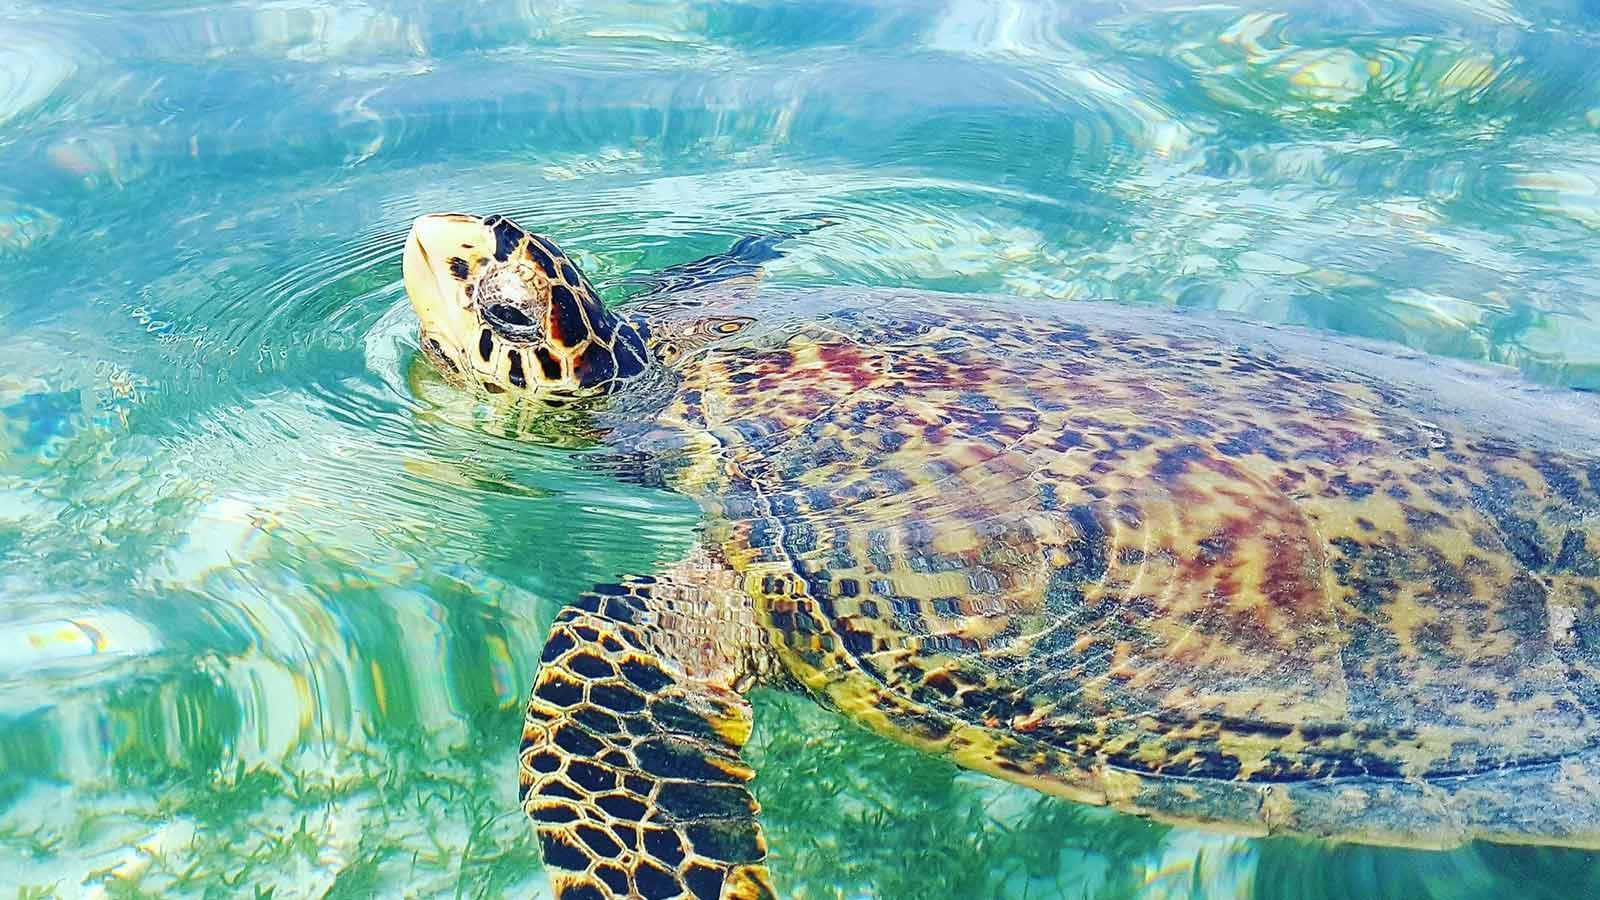 Maldives Hawksbill turtle